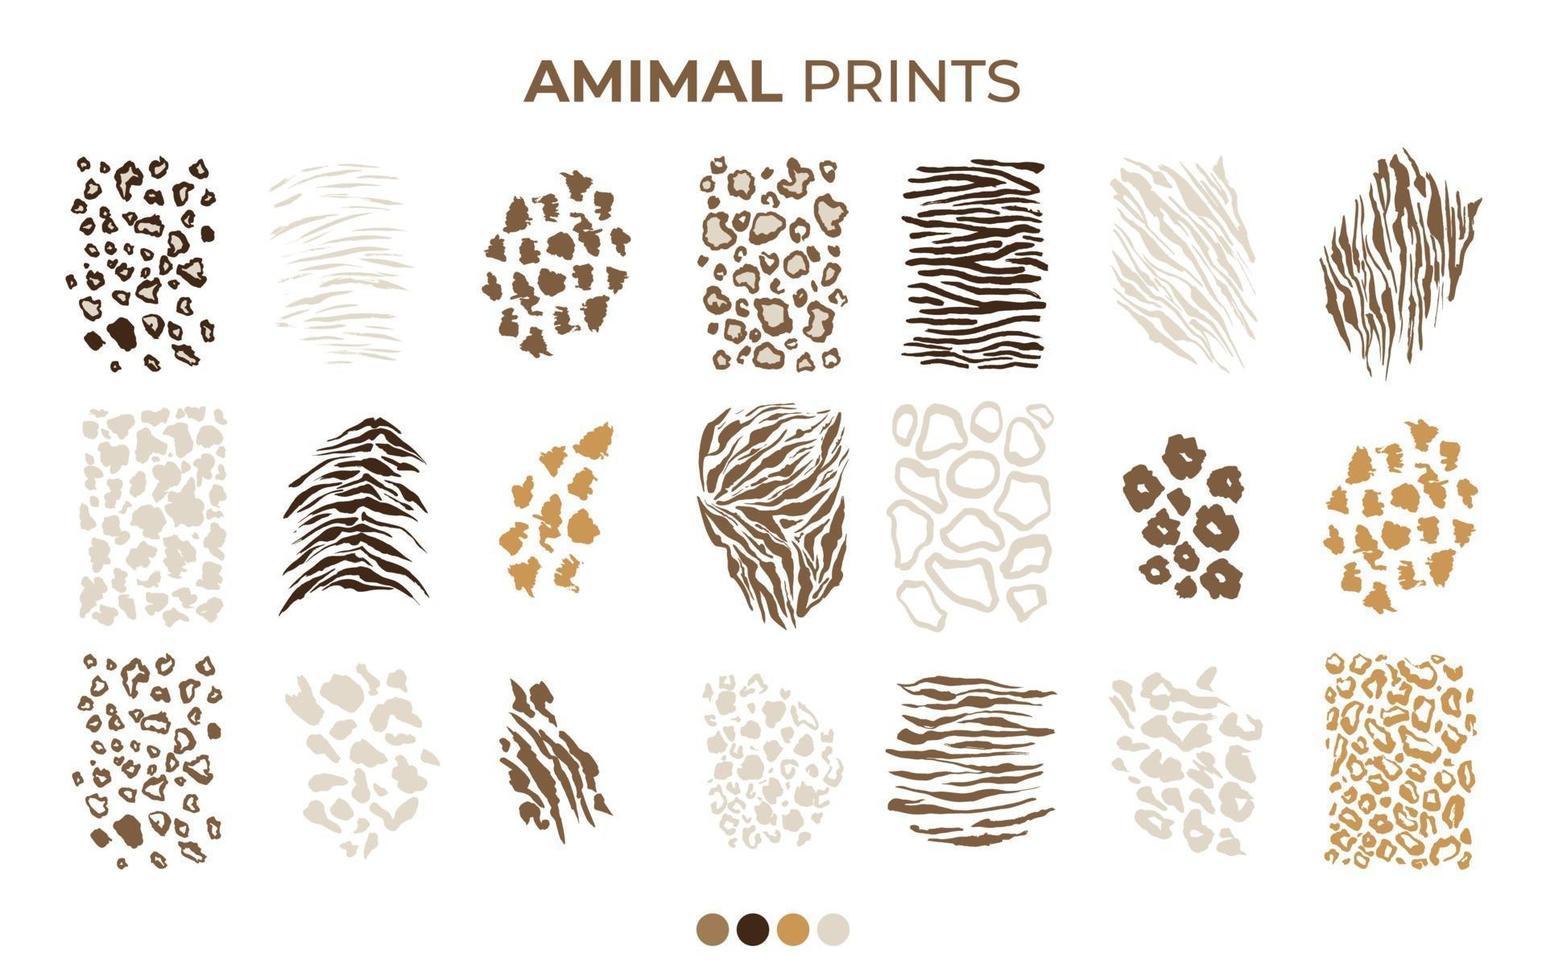 tijger, luipaard, tijger, jaguar huidafdrukpatronen vector